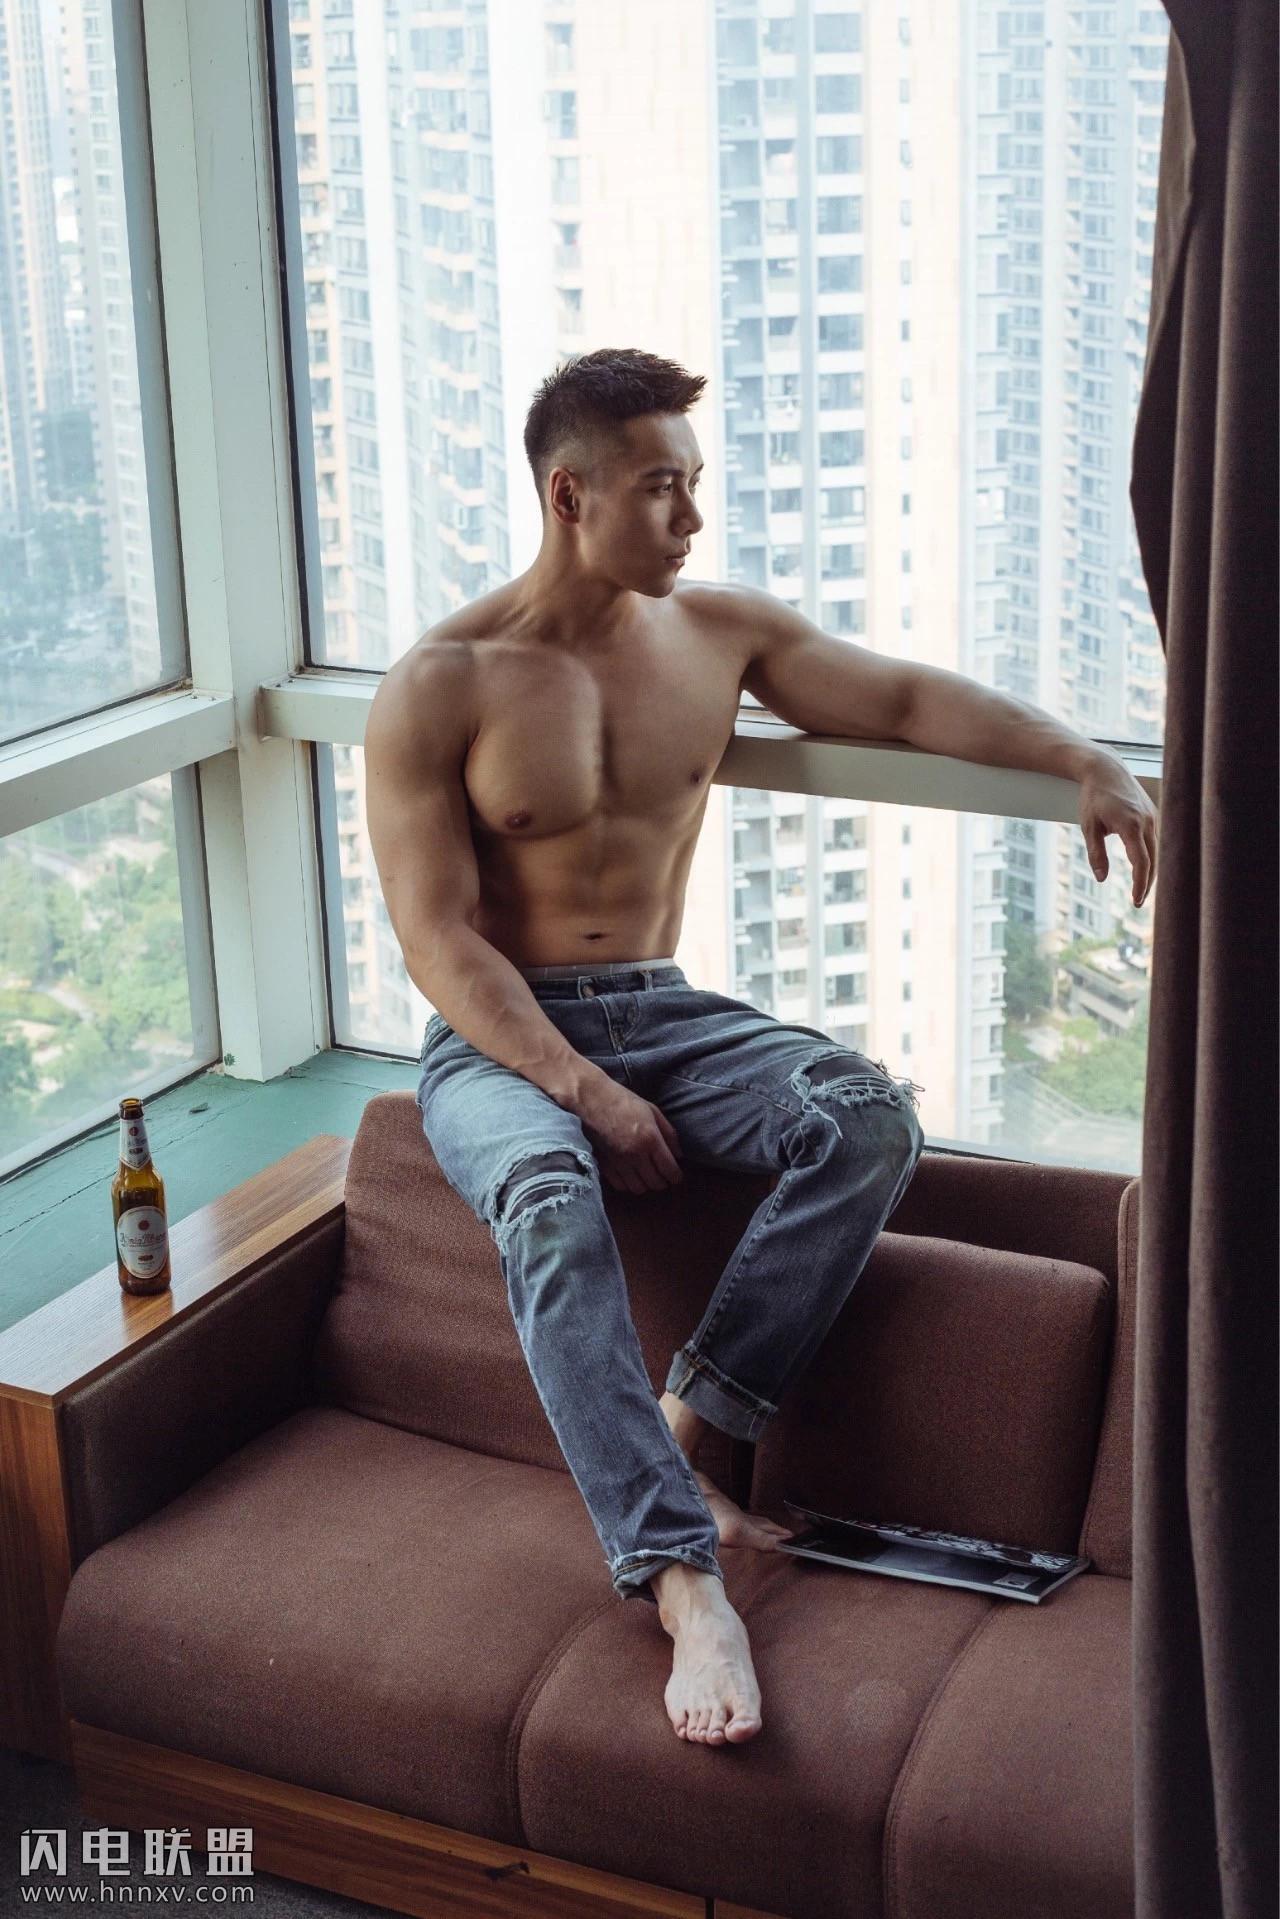 高颜值肌肉型男照片